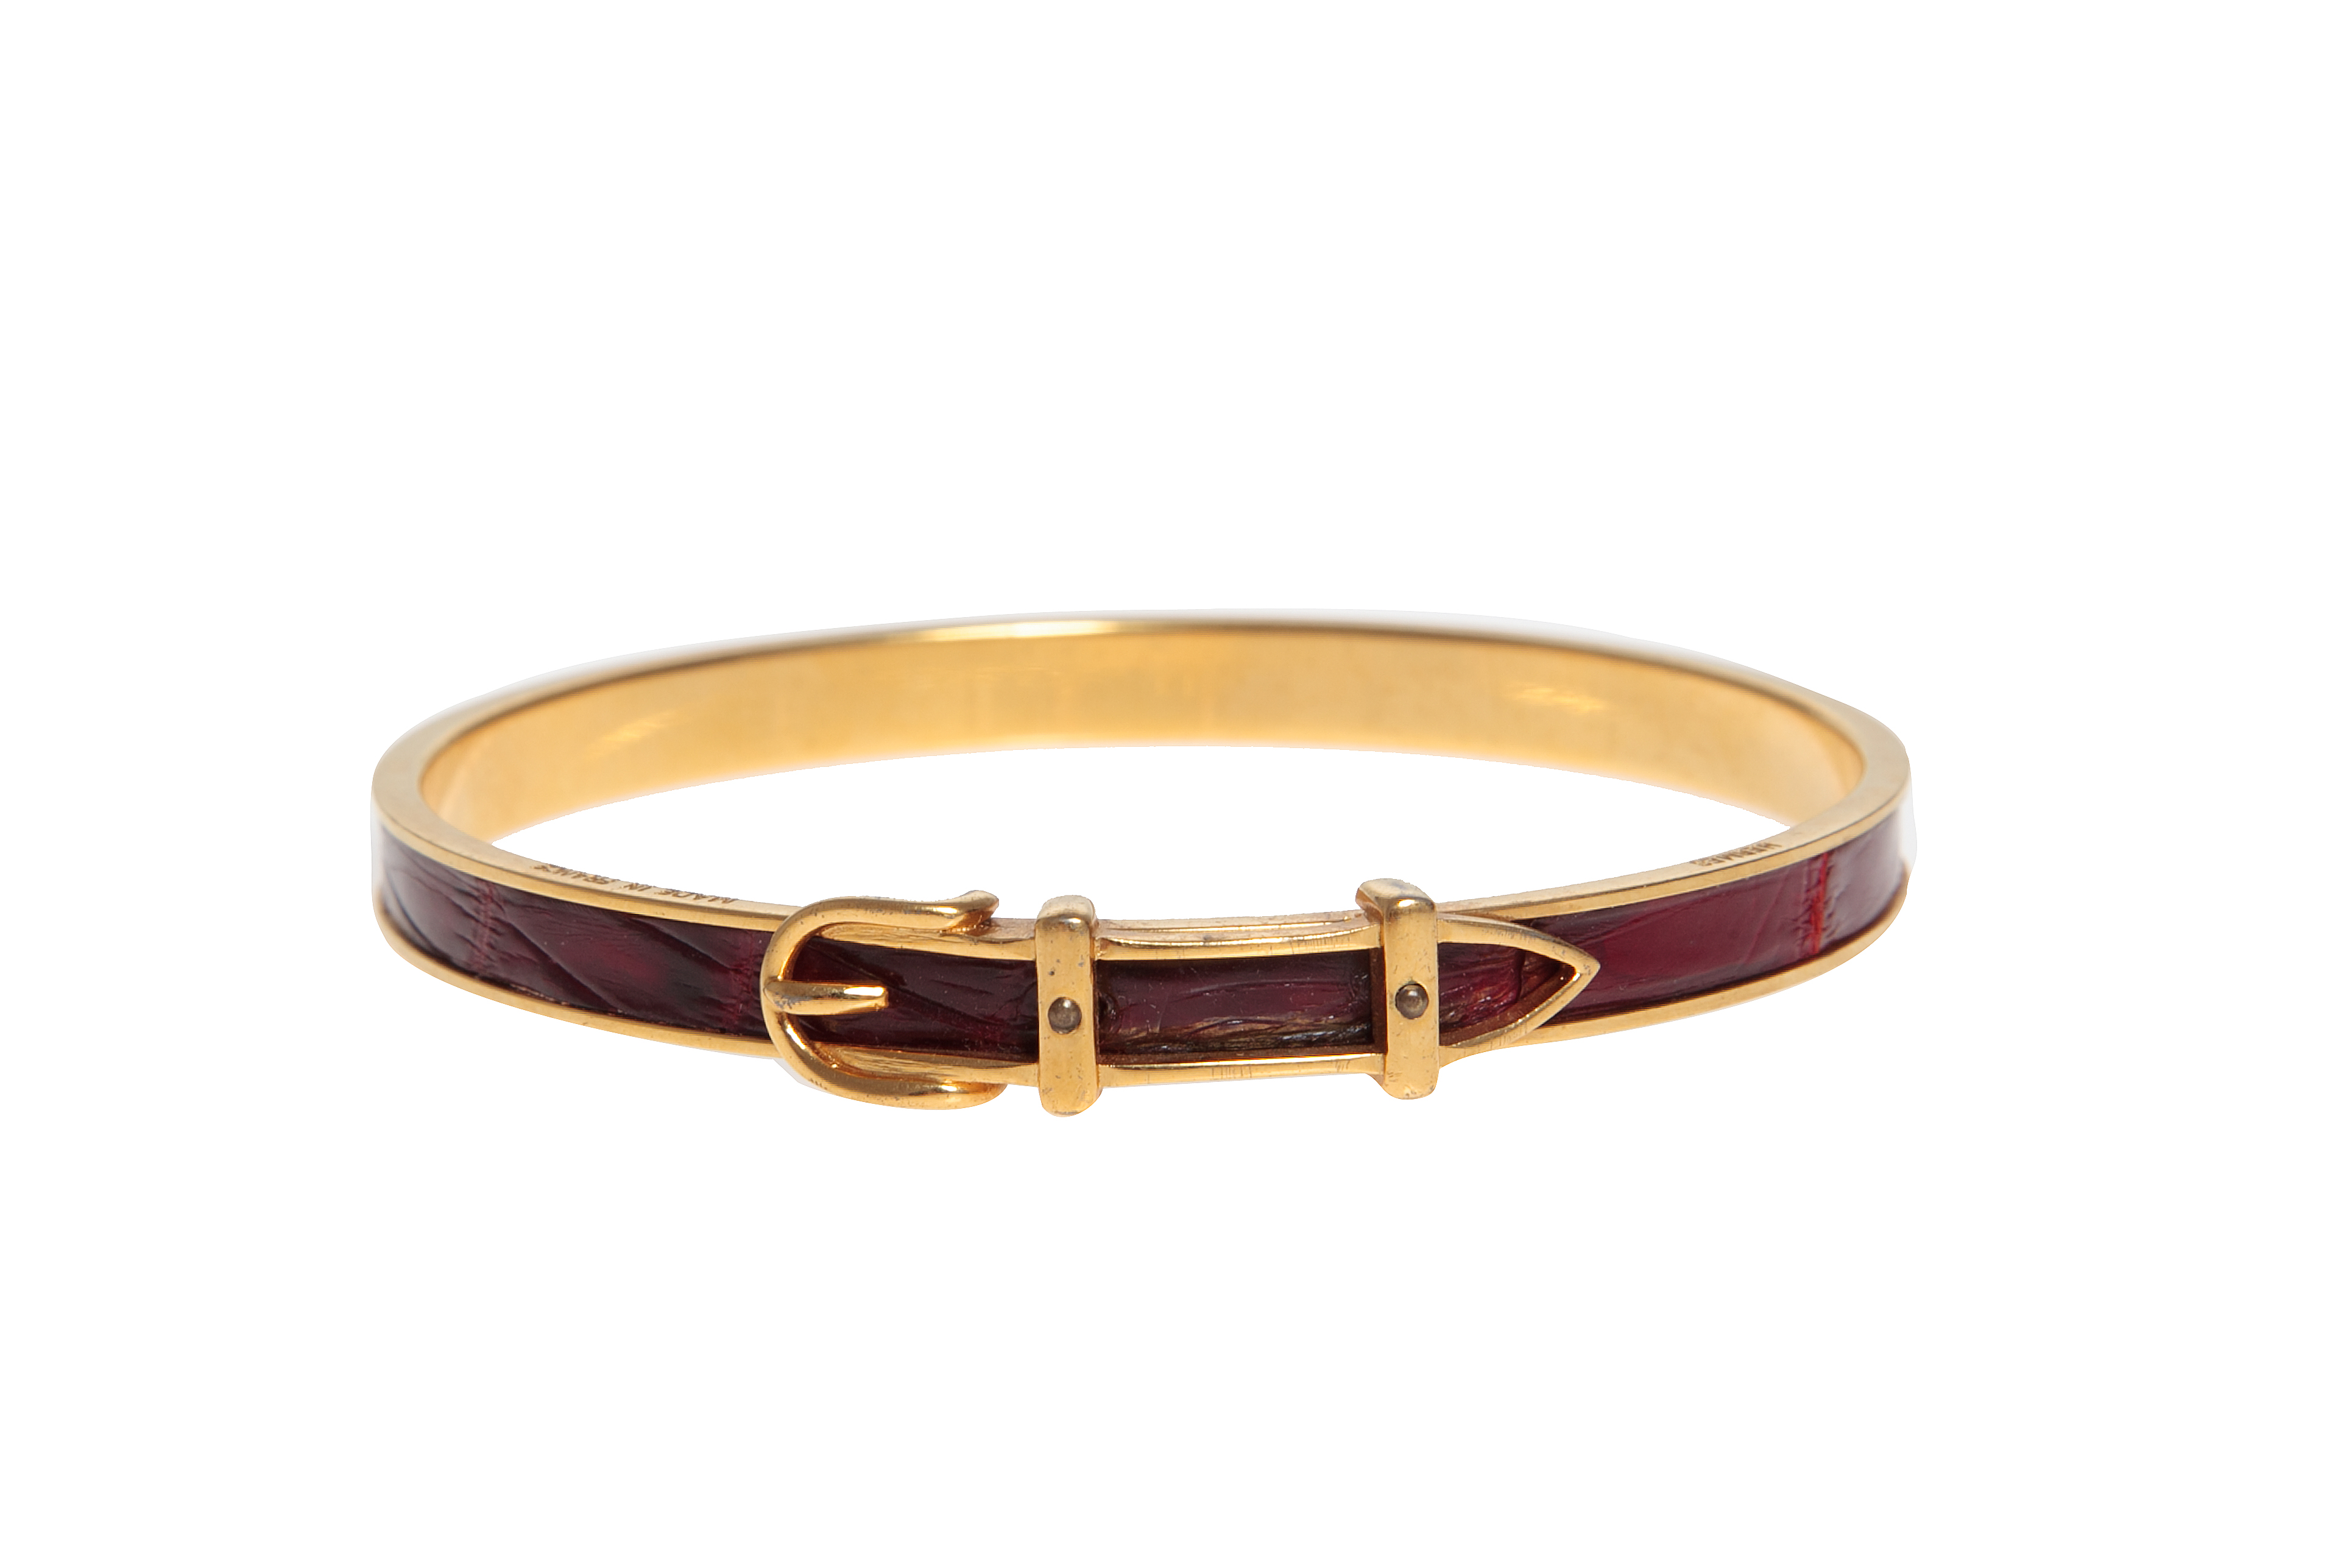 Hermes Crocodile Belt Bracelet Vintage Shop In Mykonos